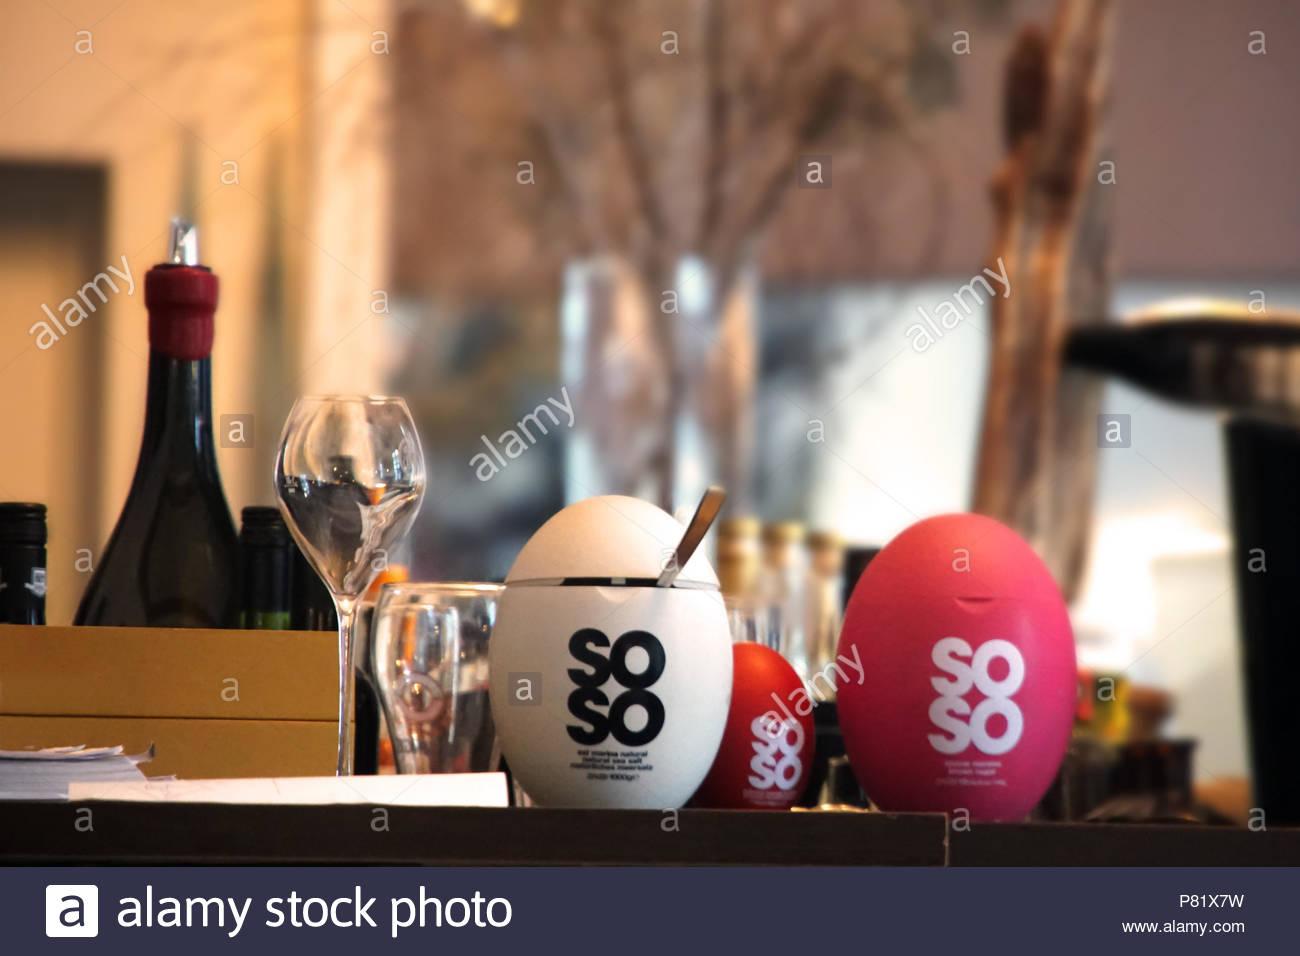 Dekoration auf dem Tisch Stockbild